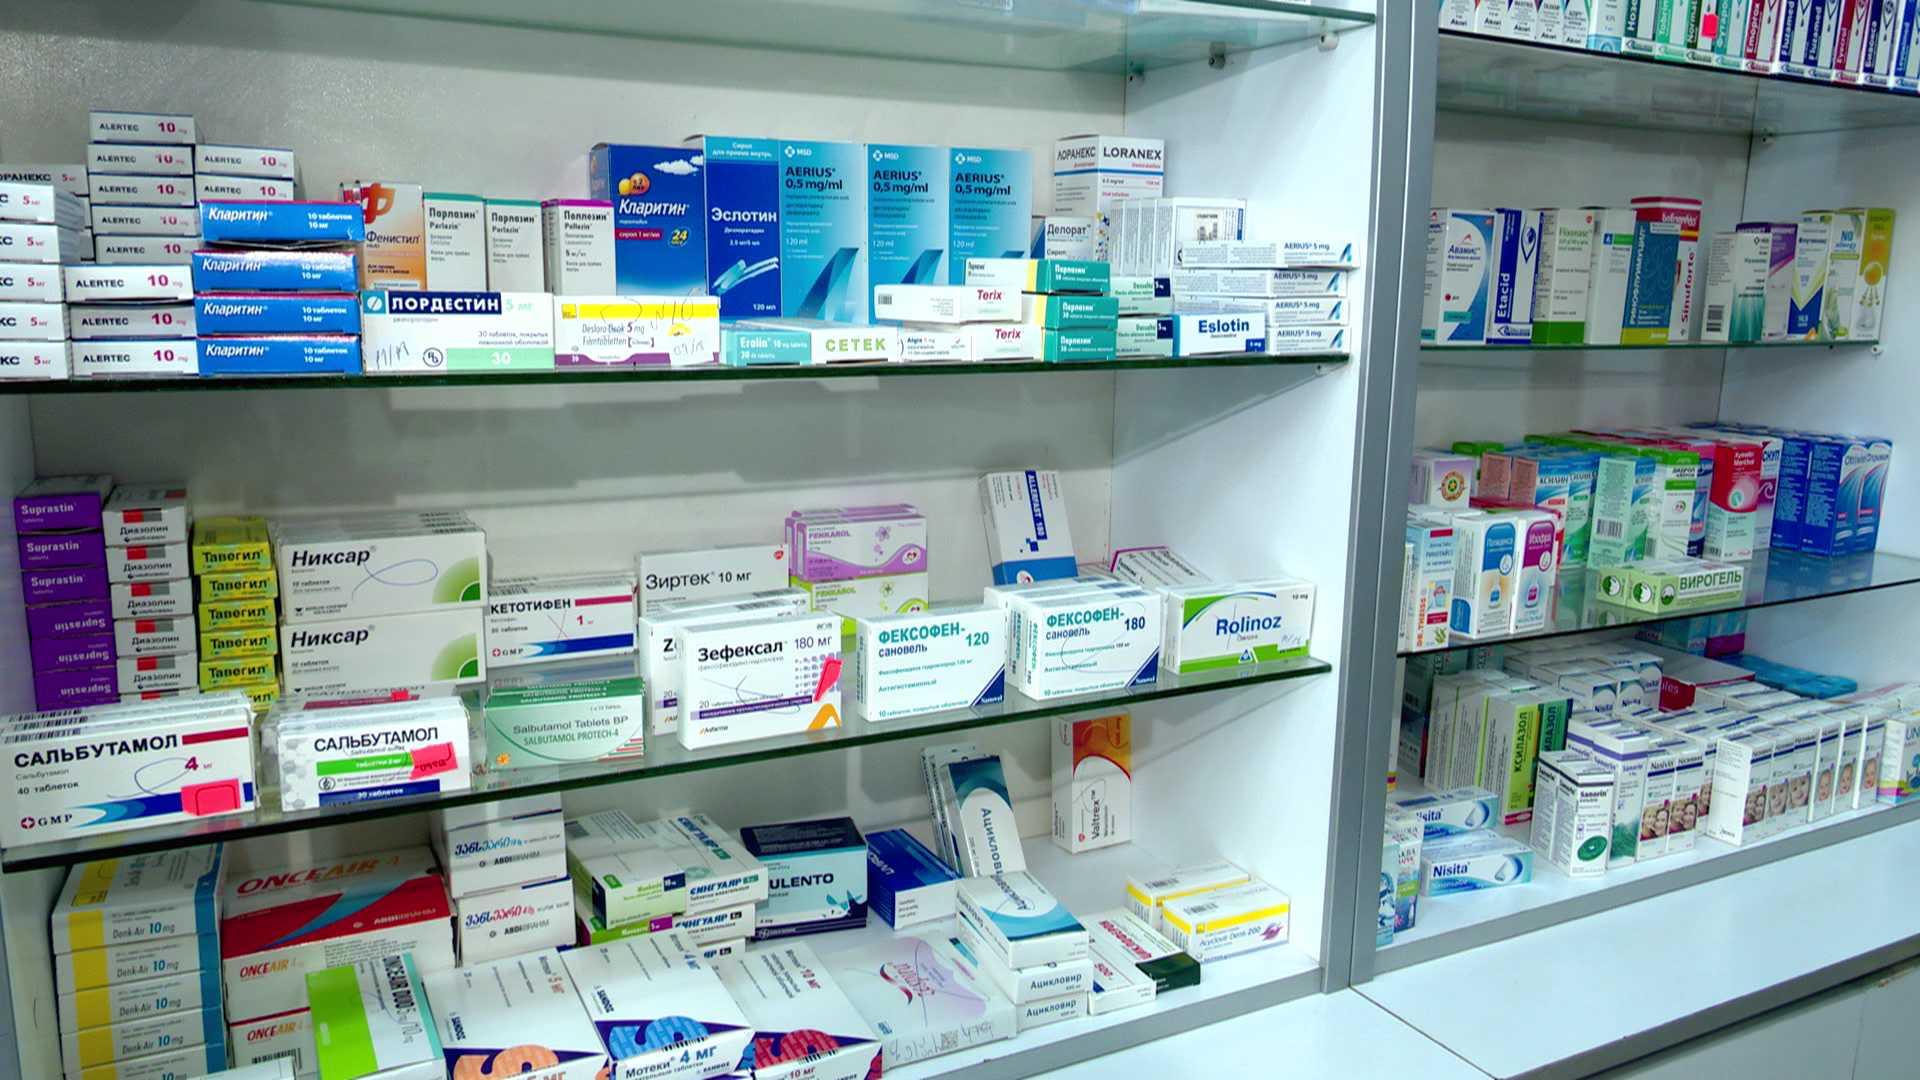 სასწრაფოდ! სკანდალური ინფორმაცია რომელი წამლებია კიბოს რისკის შემცველი იხ. ჩამონათვალი